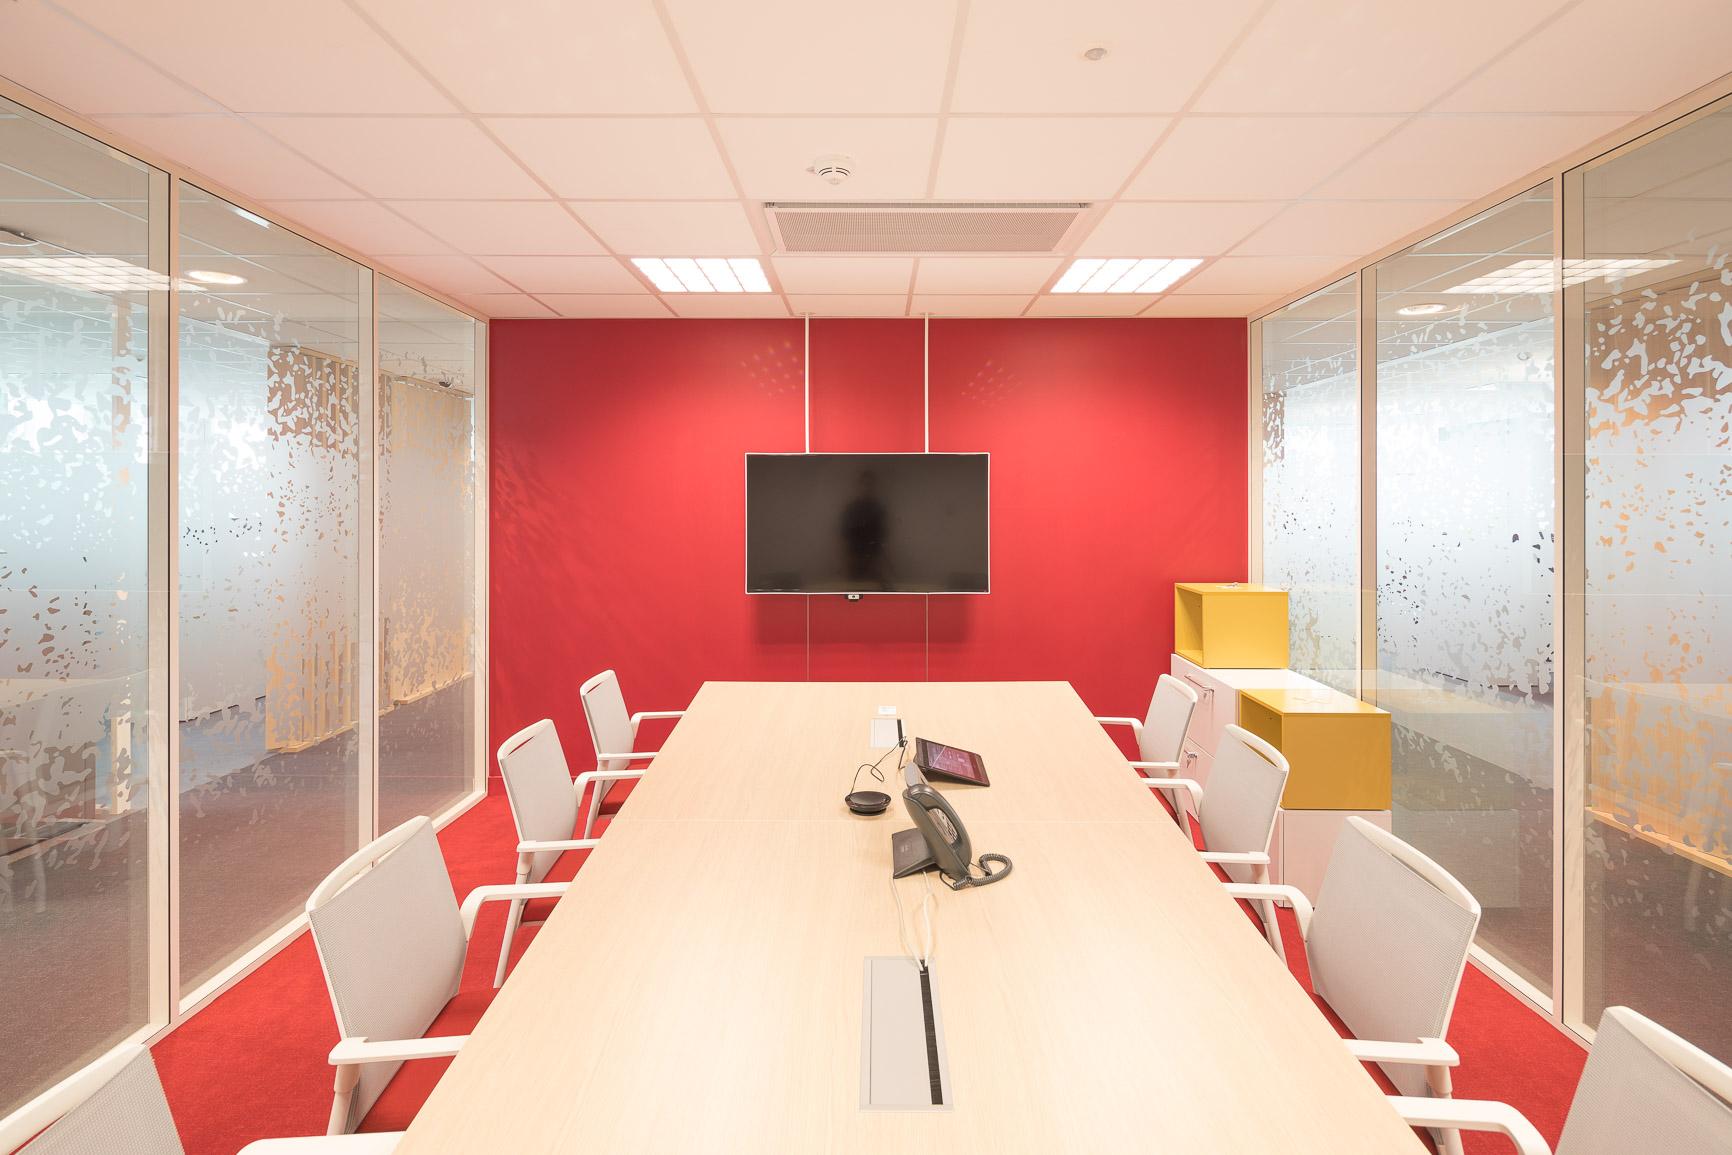 cloisons siège bancaire- Cloison acoustique H7 siège bancaire cloisons amovibles à ossature aluminium hOyez partitionsystems